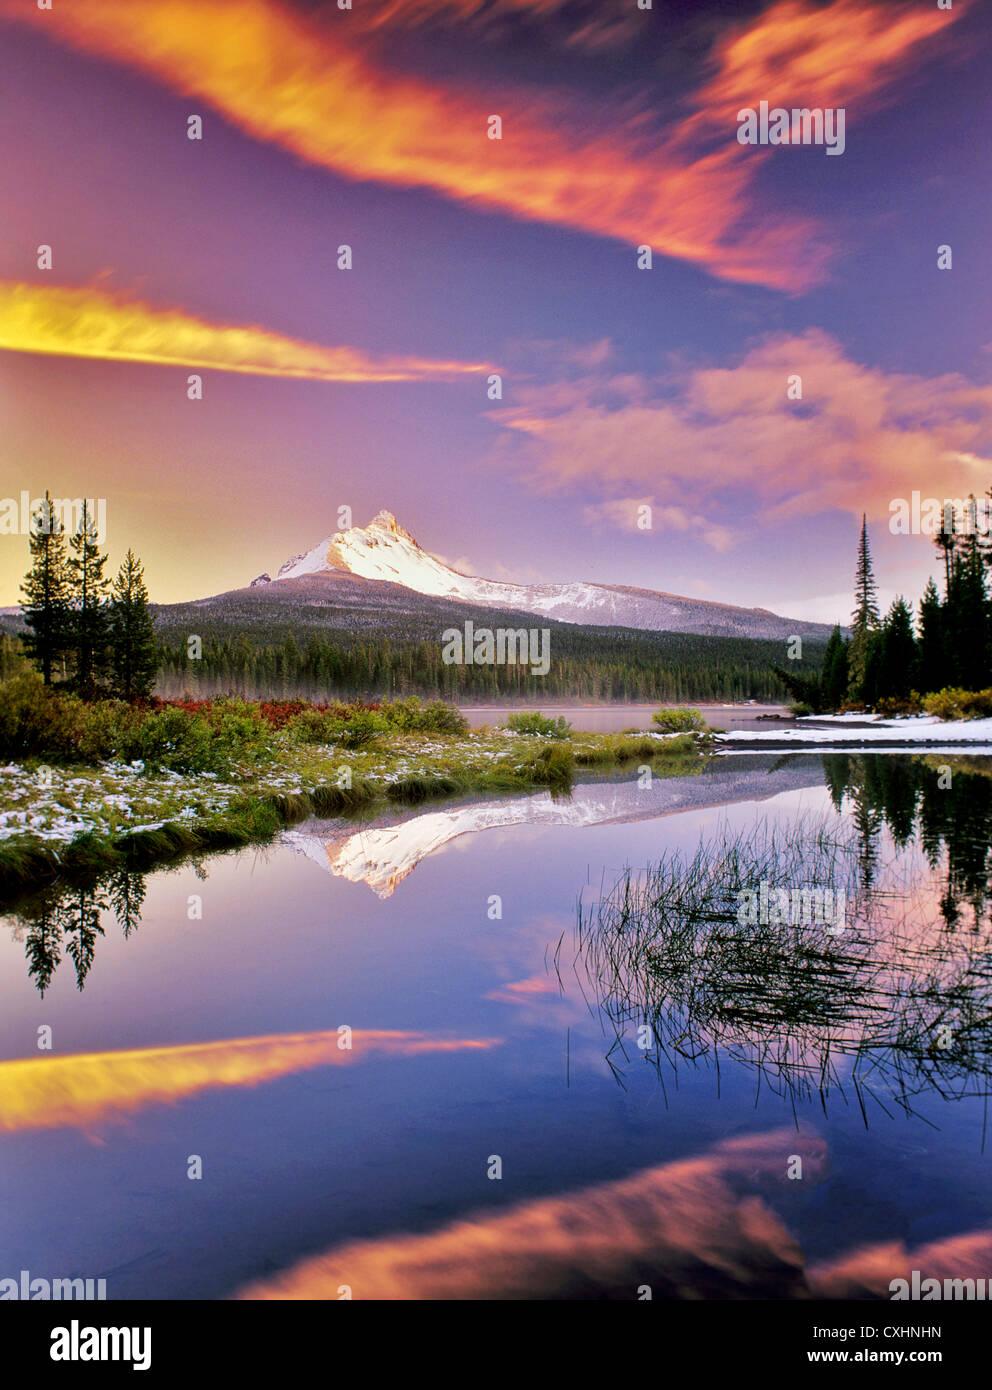 La réflexion du mont Washington en grand lac avec de la neige et le coucher du soleil. De l'Oregon. Banque D'Images